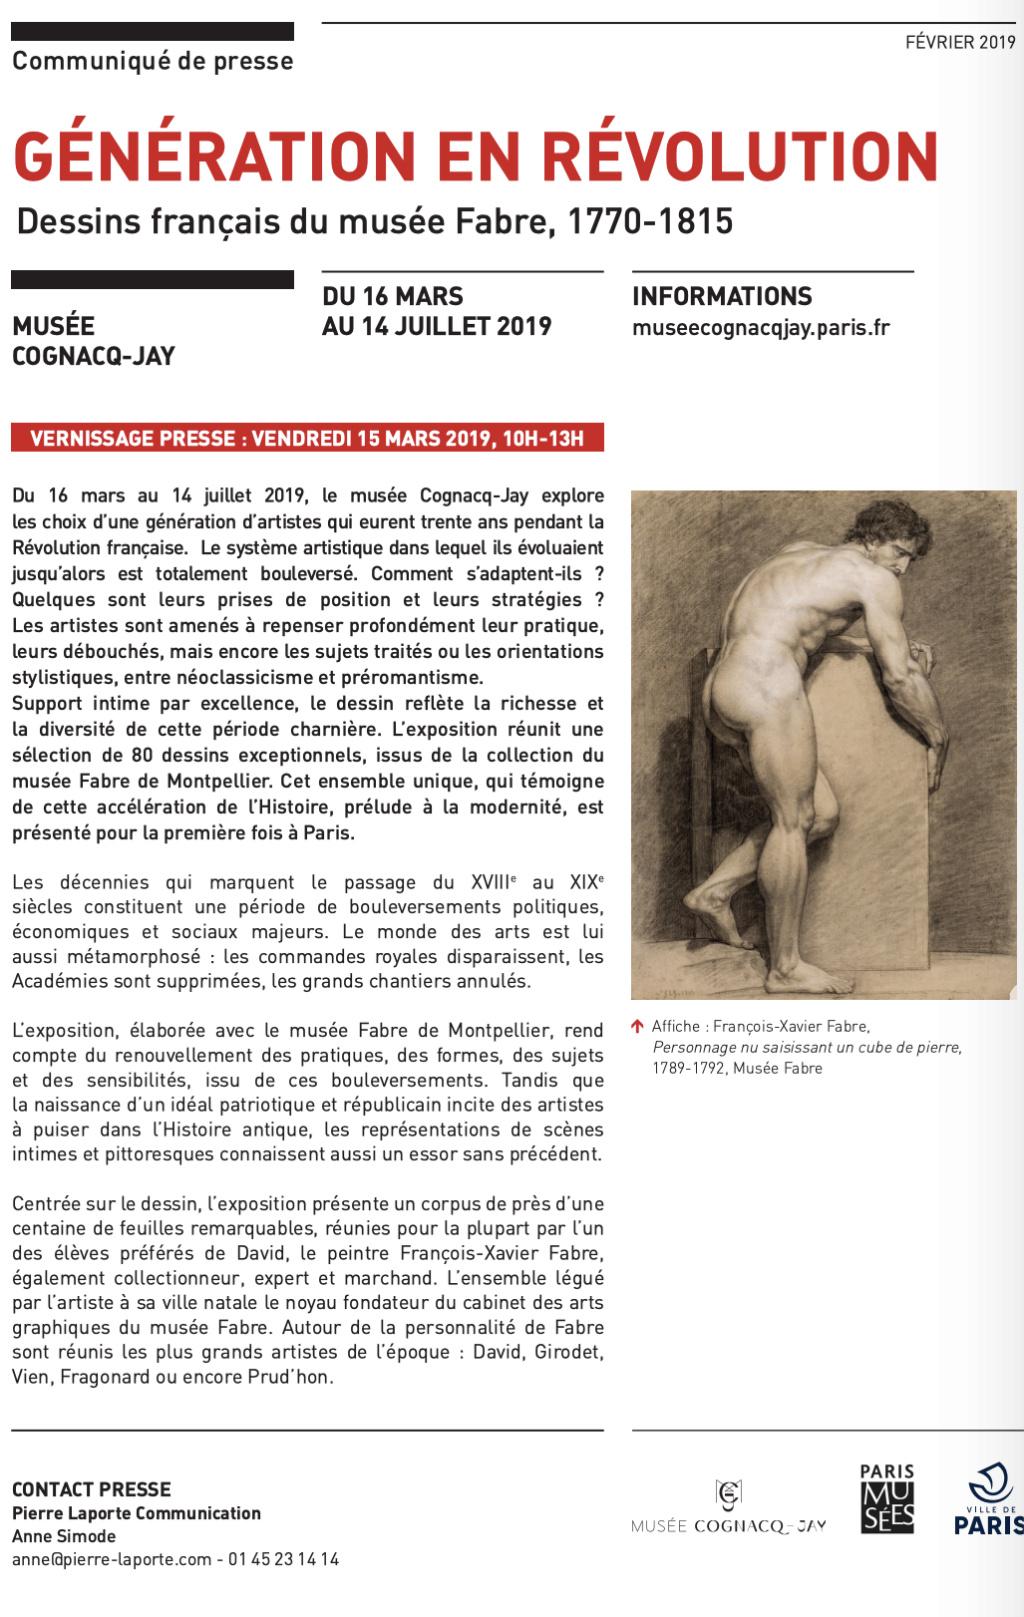 Expo Cognacq Jay : Génération en Révolution - Dessins français du musée Fabre Captu596